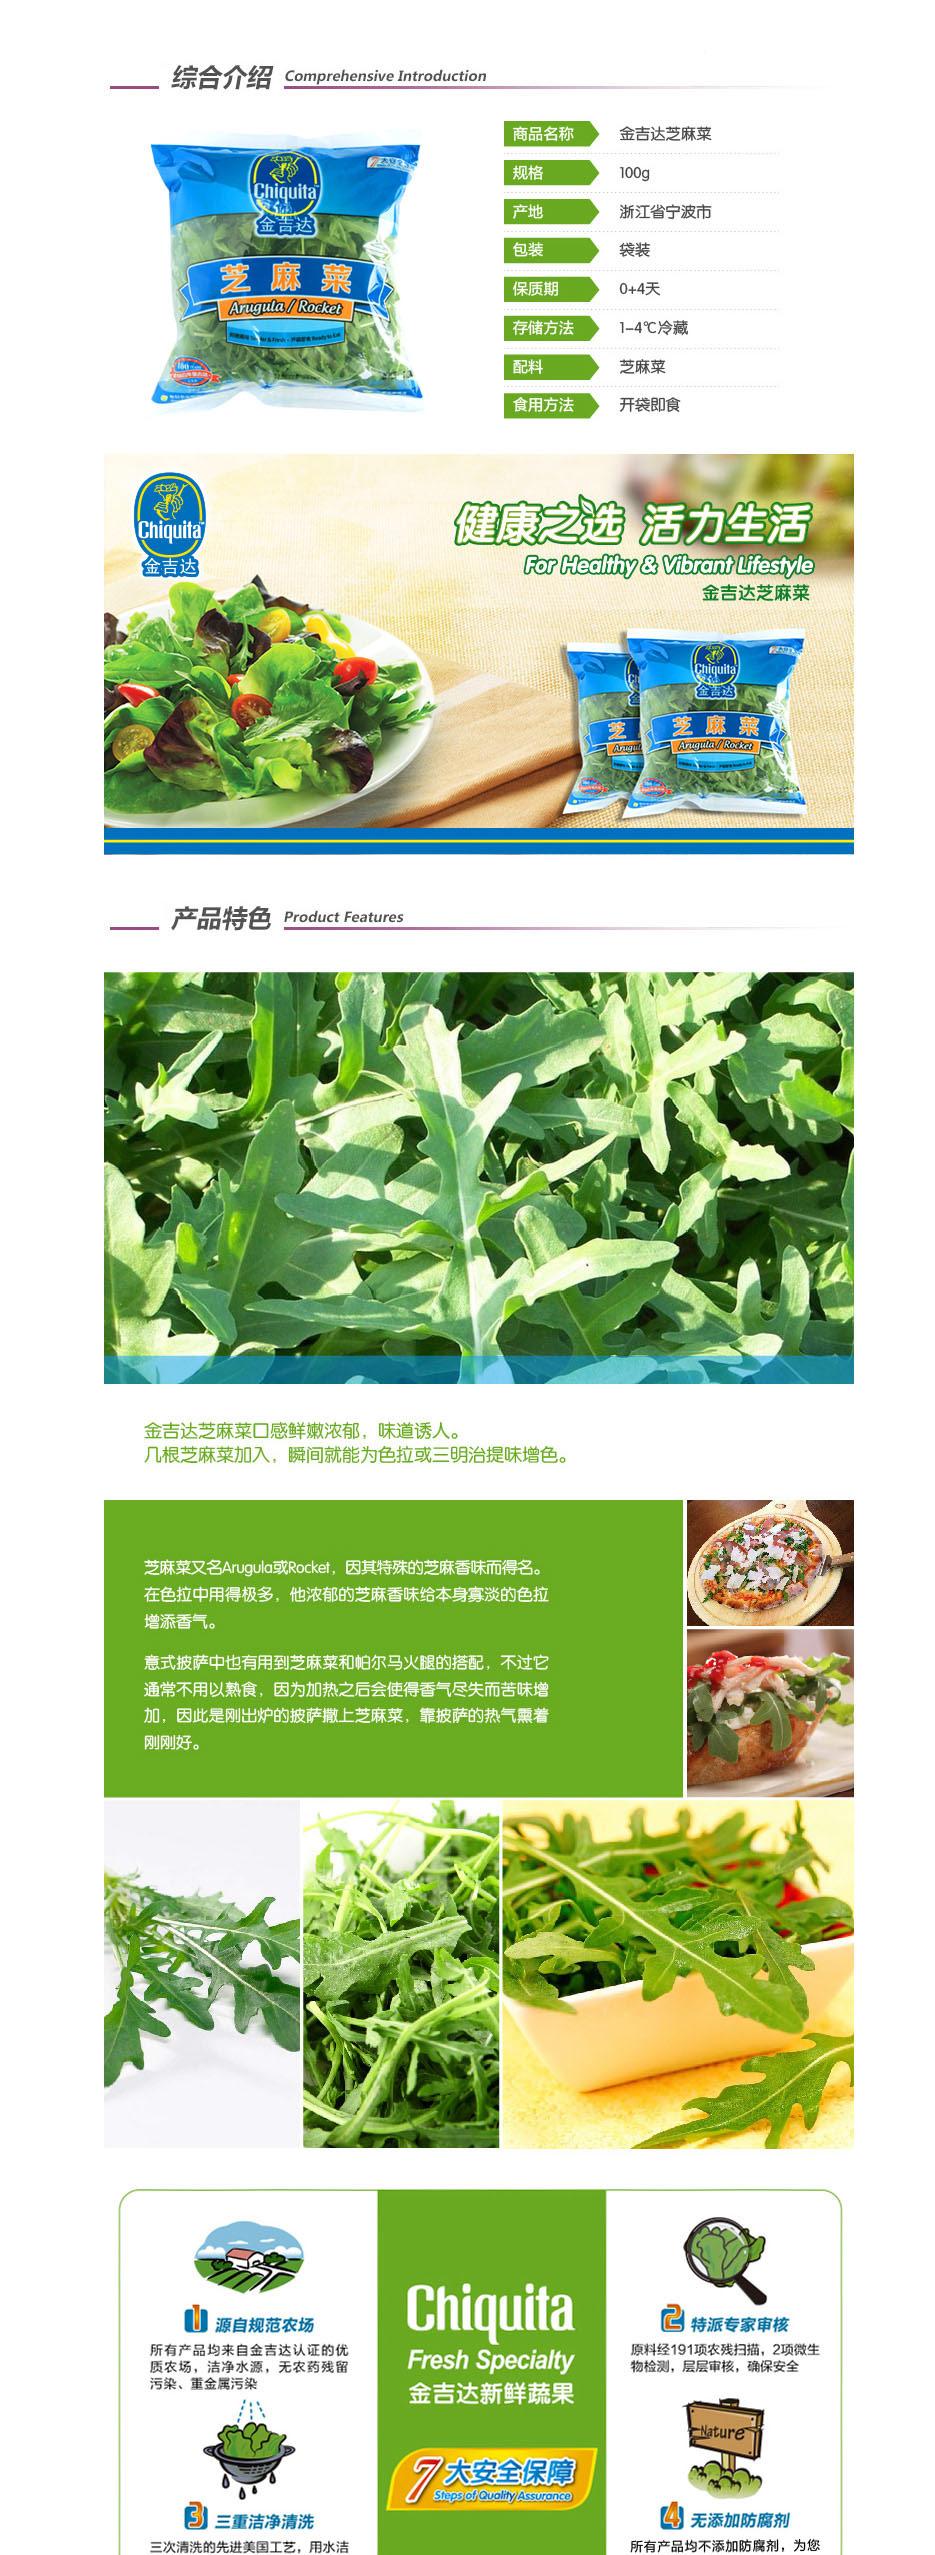 金吉达芝麻菜100g/袋图片